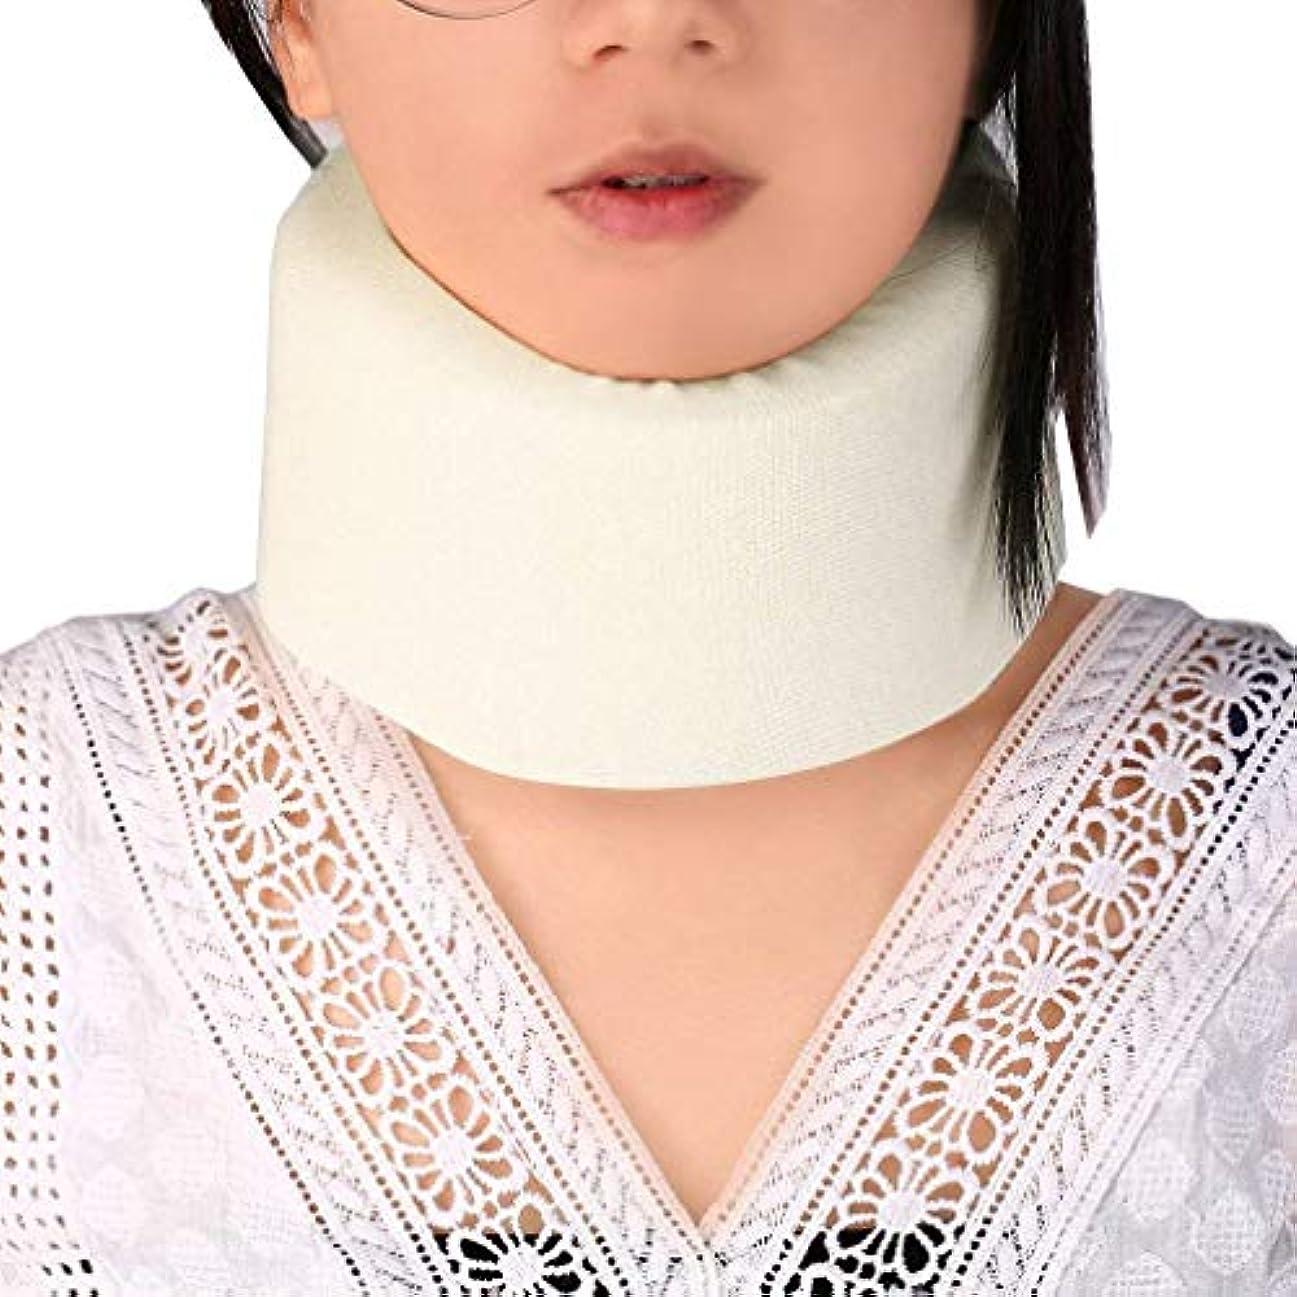 透けて見える噴火ぼろOral Dentistry 首 サポーター ソフト 頸椎 首こり ソフト頸椎カラー 肩の痛みの軽減 着脱 簡単 男女兼用 ホワイト